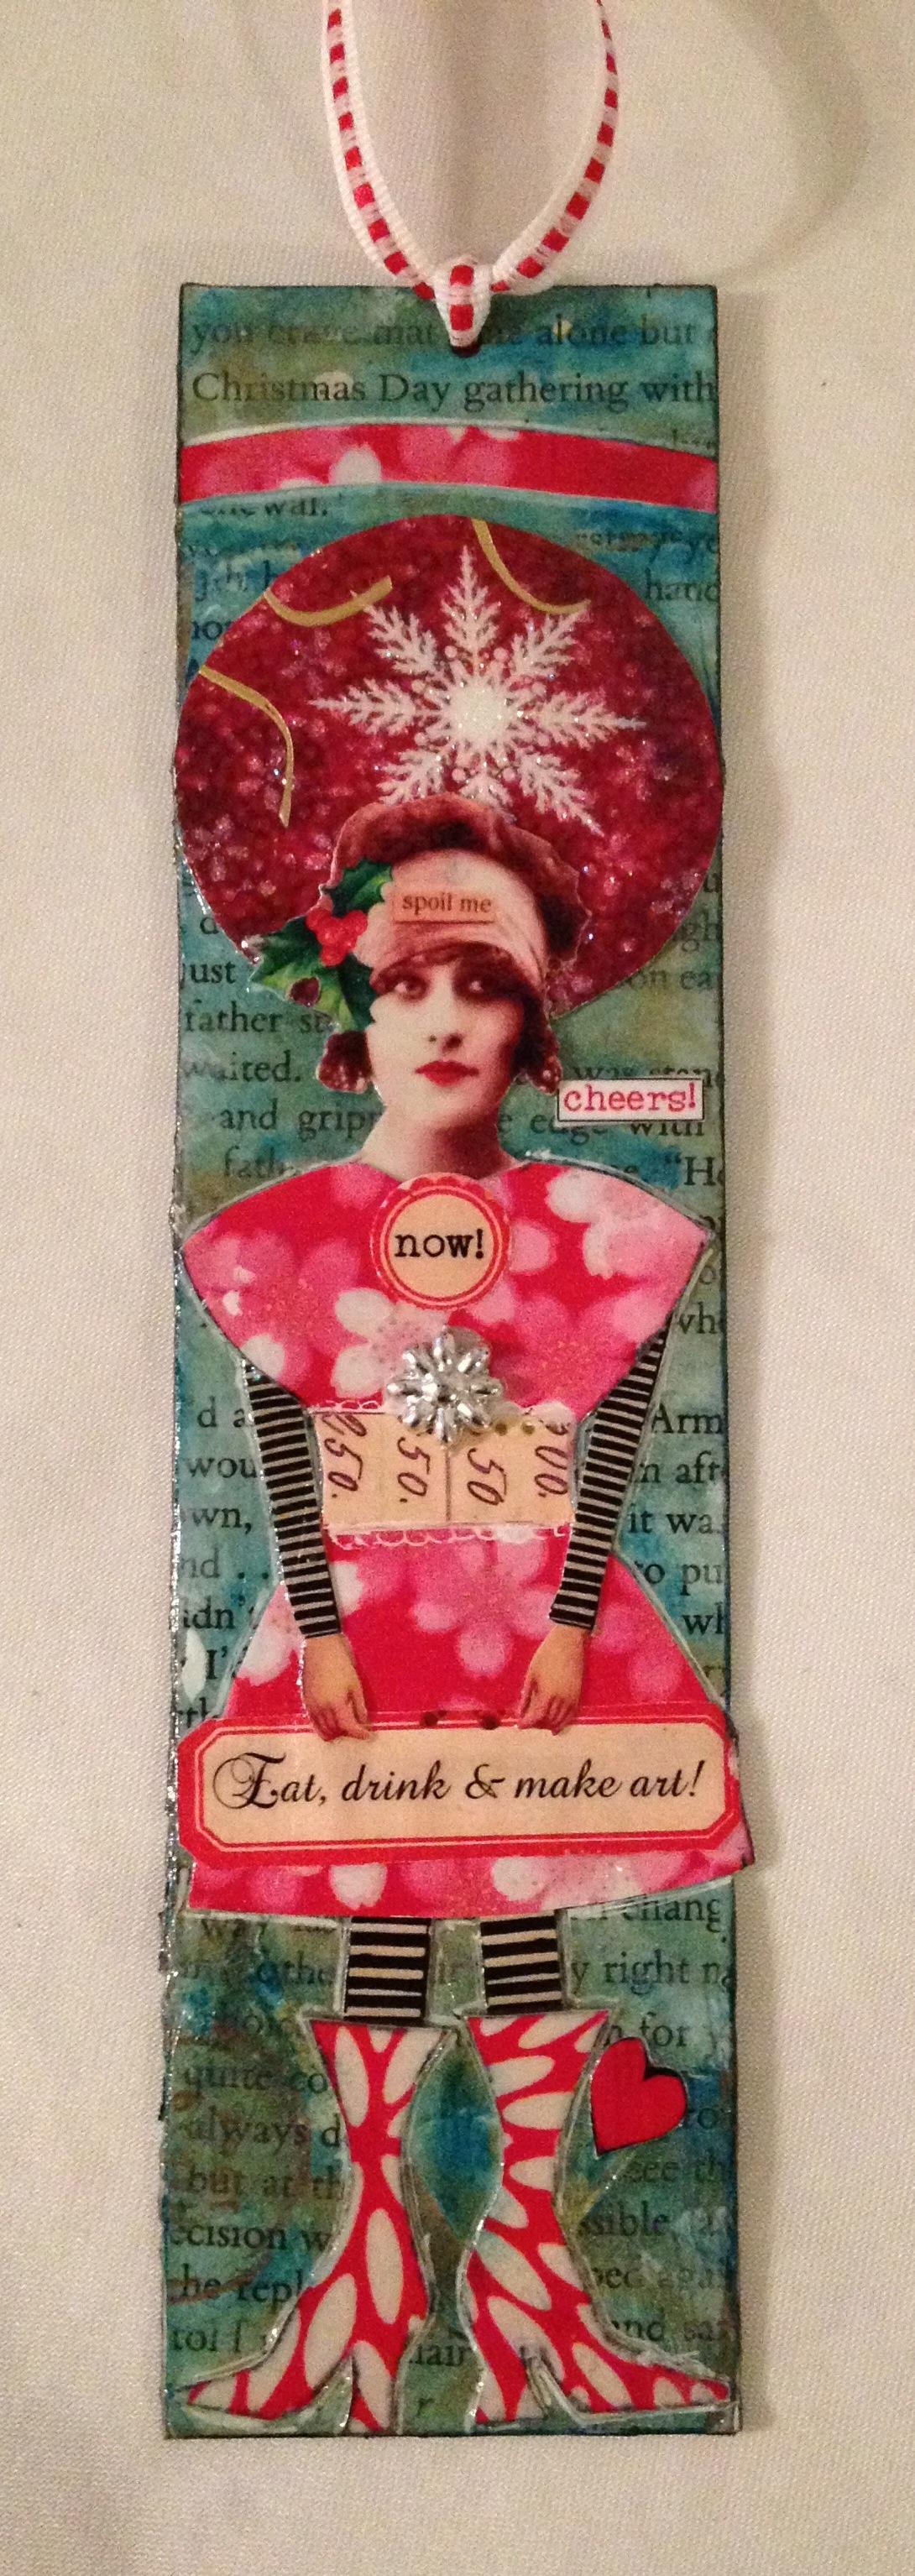 collage bookmark ©2013 paula boyd farrington